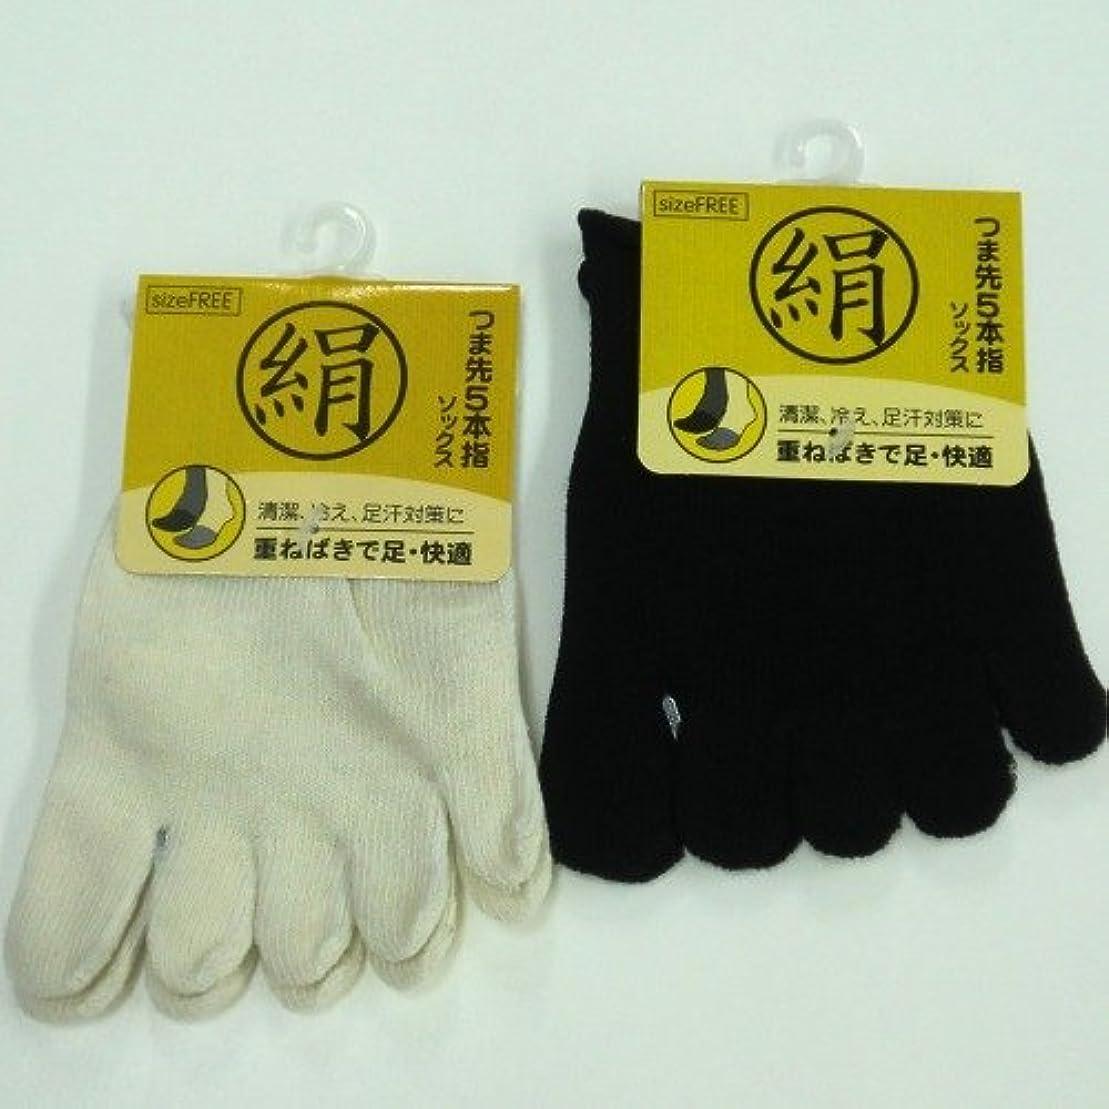 作ります発生差し控える5本指ソックス つま先 ハーフソックス 足指カバー 天然素材絹で抗菌防臭 お買得5足組 (色はお任せ)